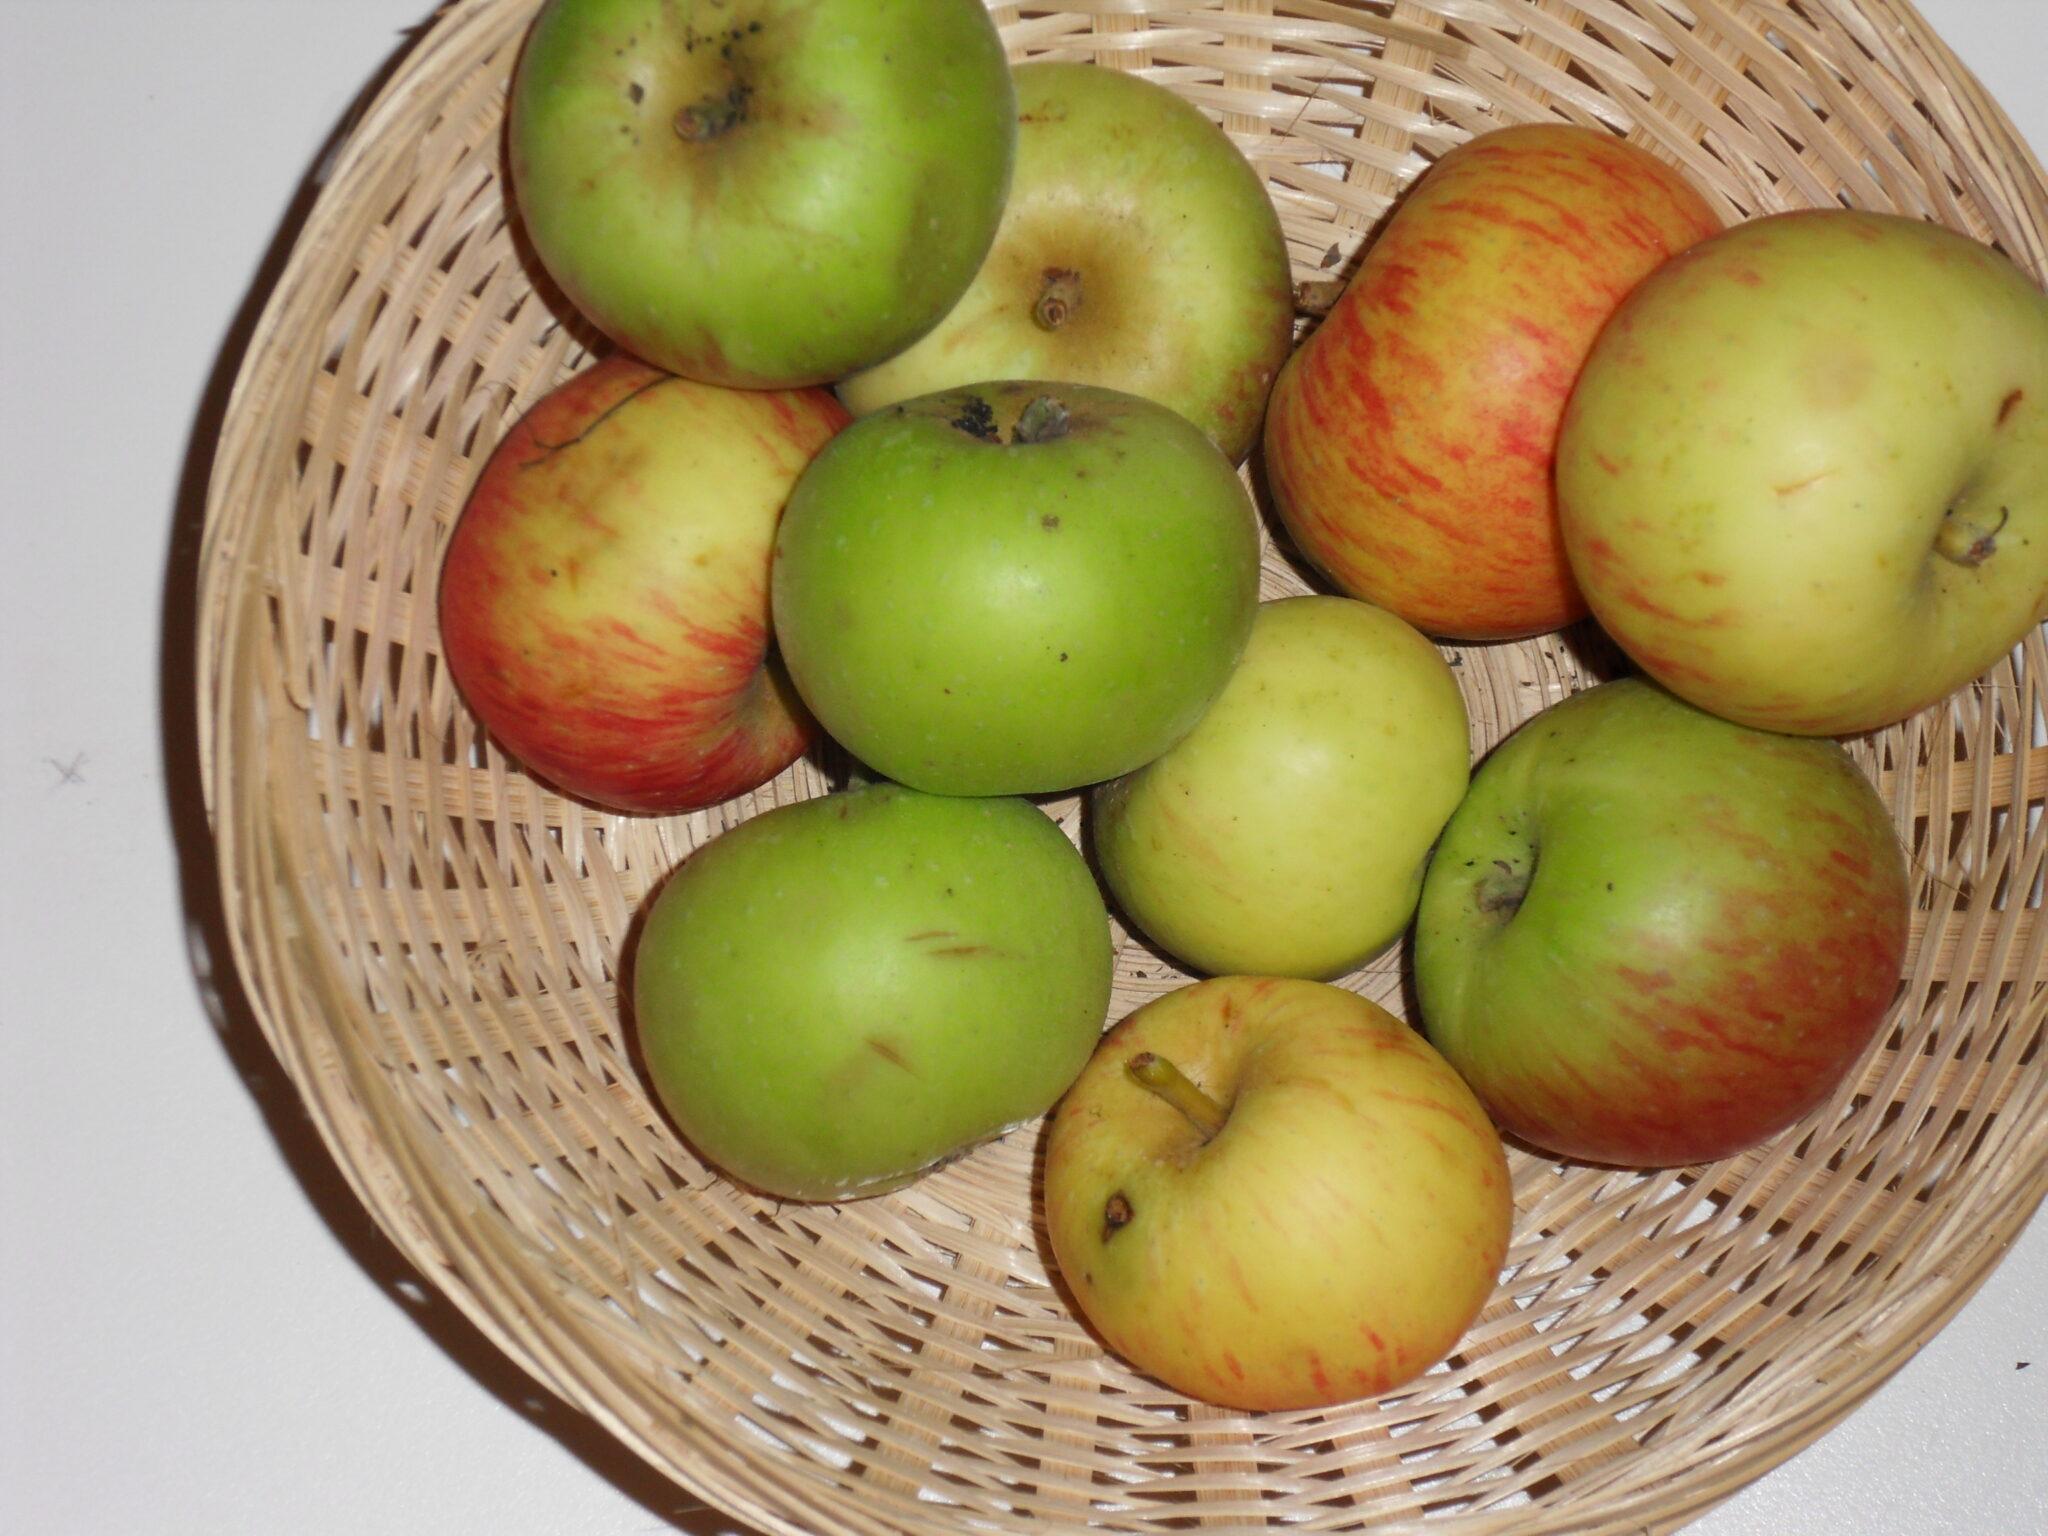 Fréquin gros (fruit).